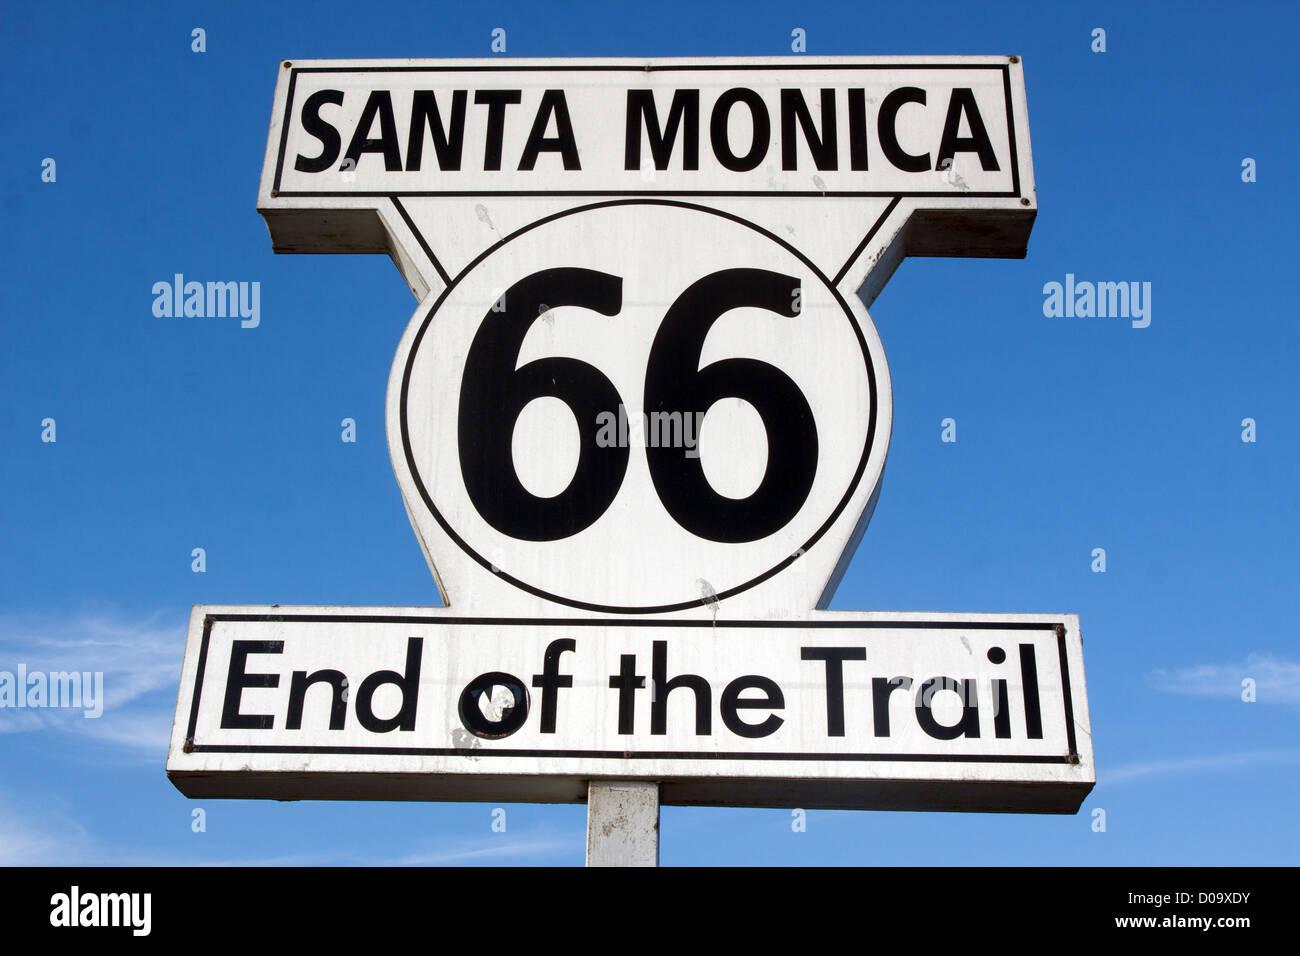 SCHILD AM SANTA MONICA PIER ZEIGT DAS ENDE DER ROUTE 66 SANTA MONICA LOS ANGELES KALIFORNIEN VEREINIGTE STAATEN Stockbild